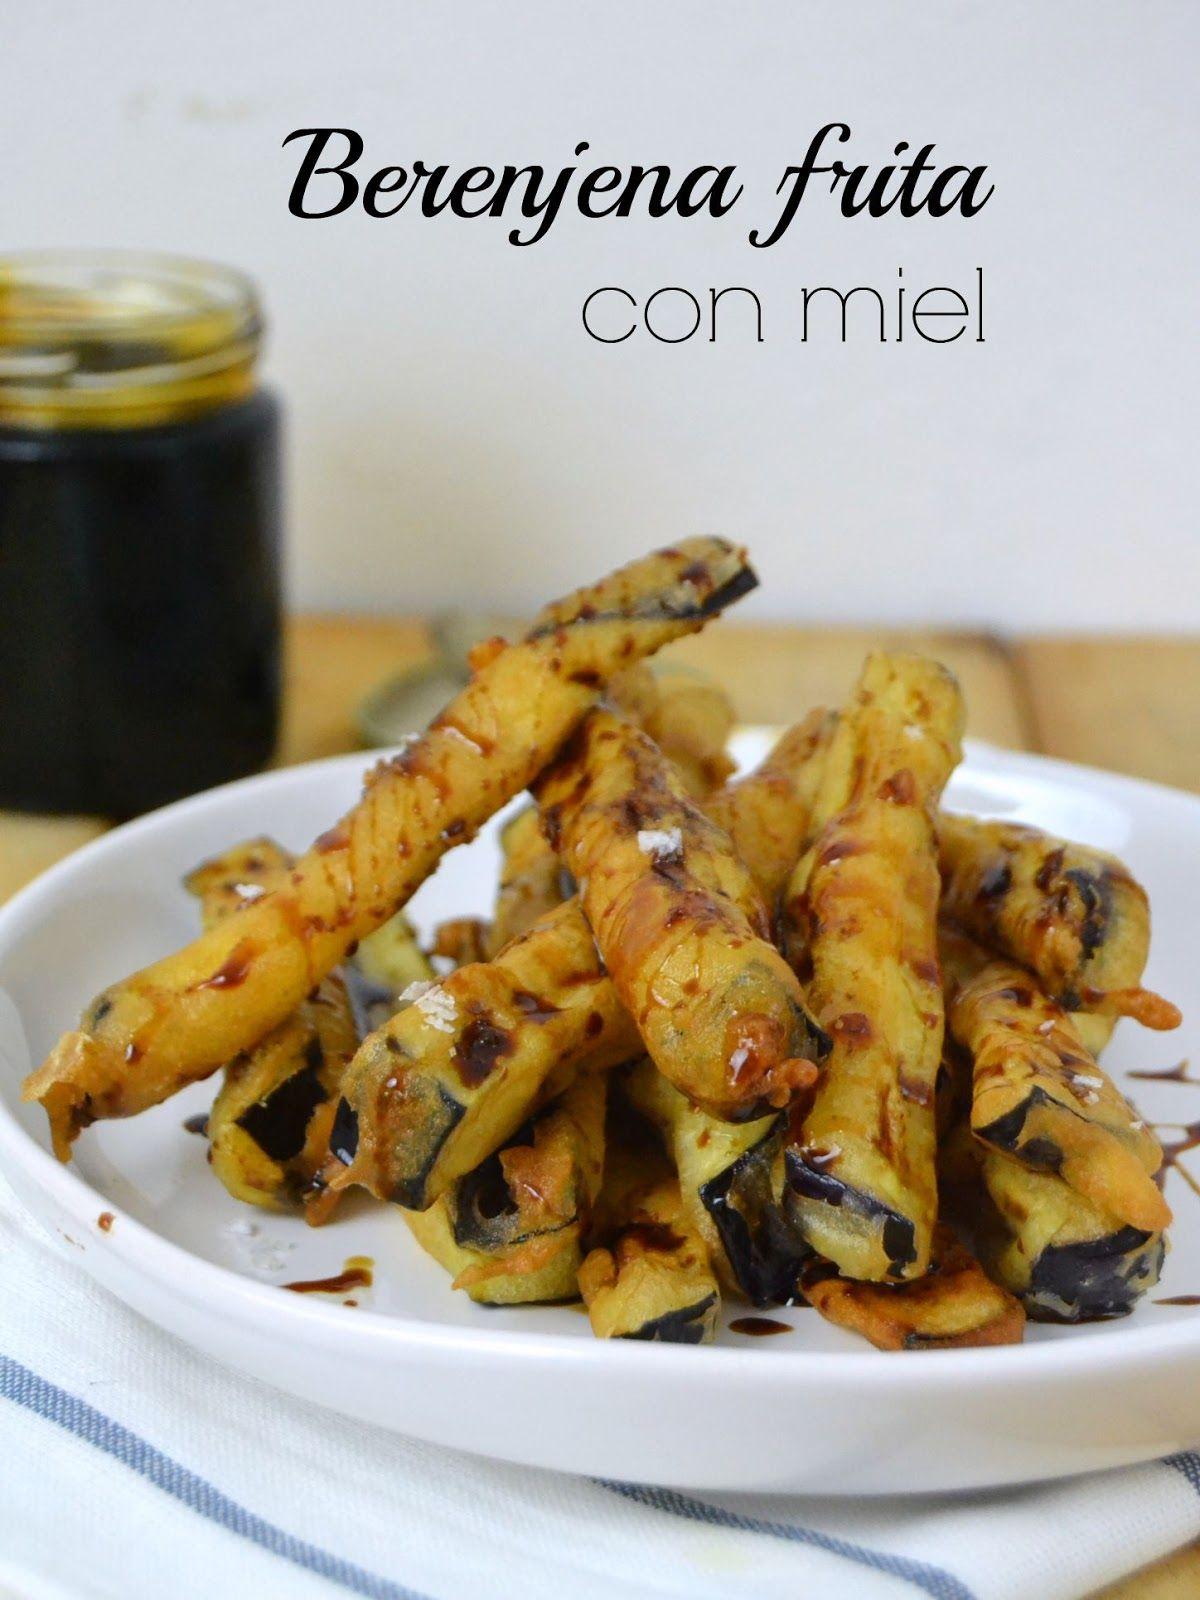 Berenjena Frita Con Miel Recetas Faciles Recetas Vegetarianas Y Recetas Para Cocinar